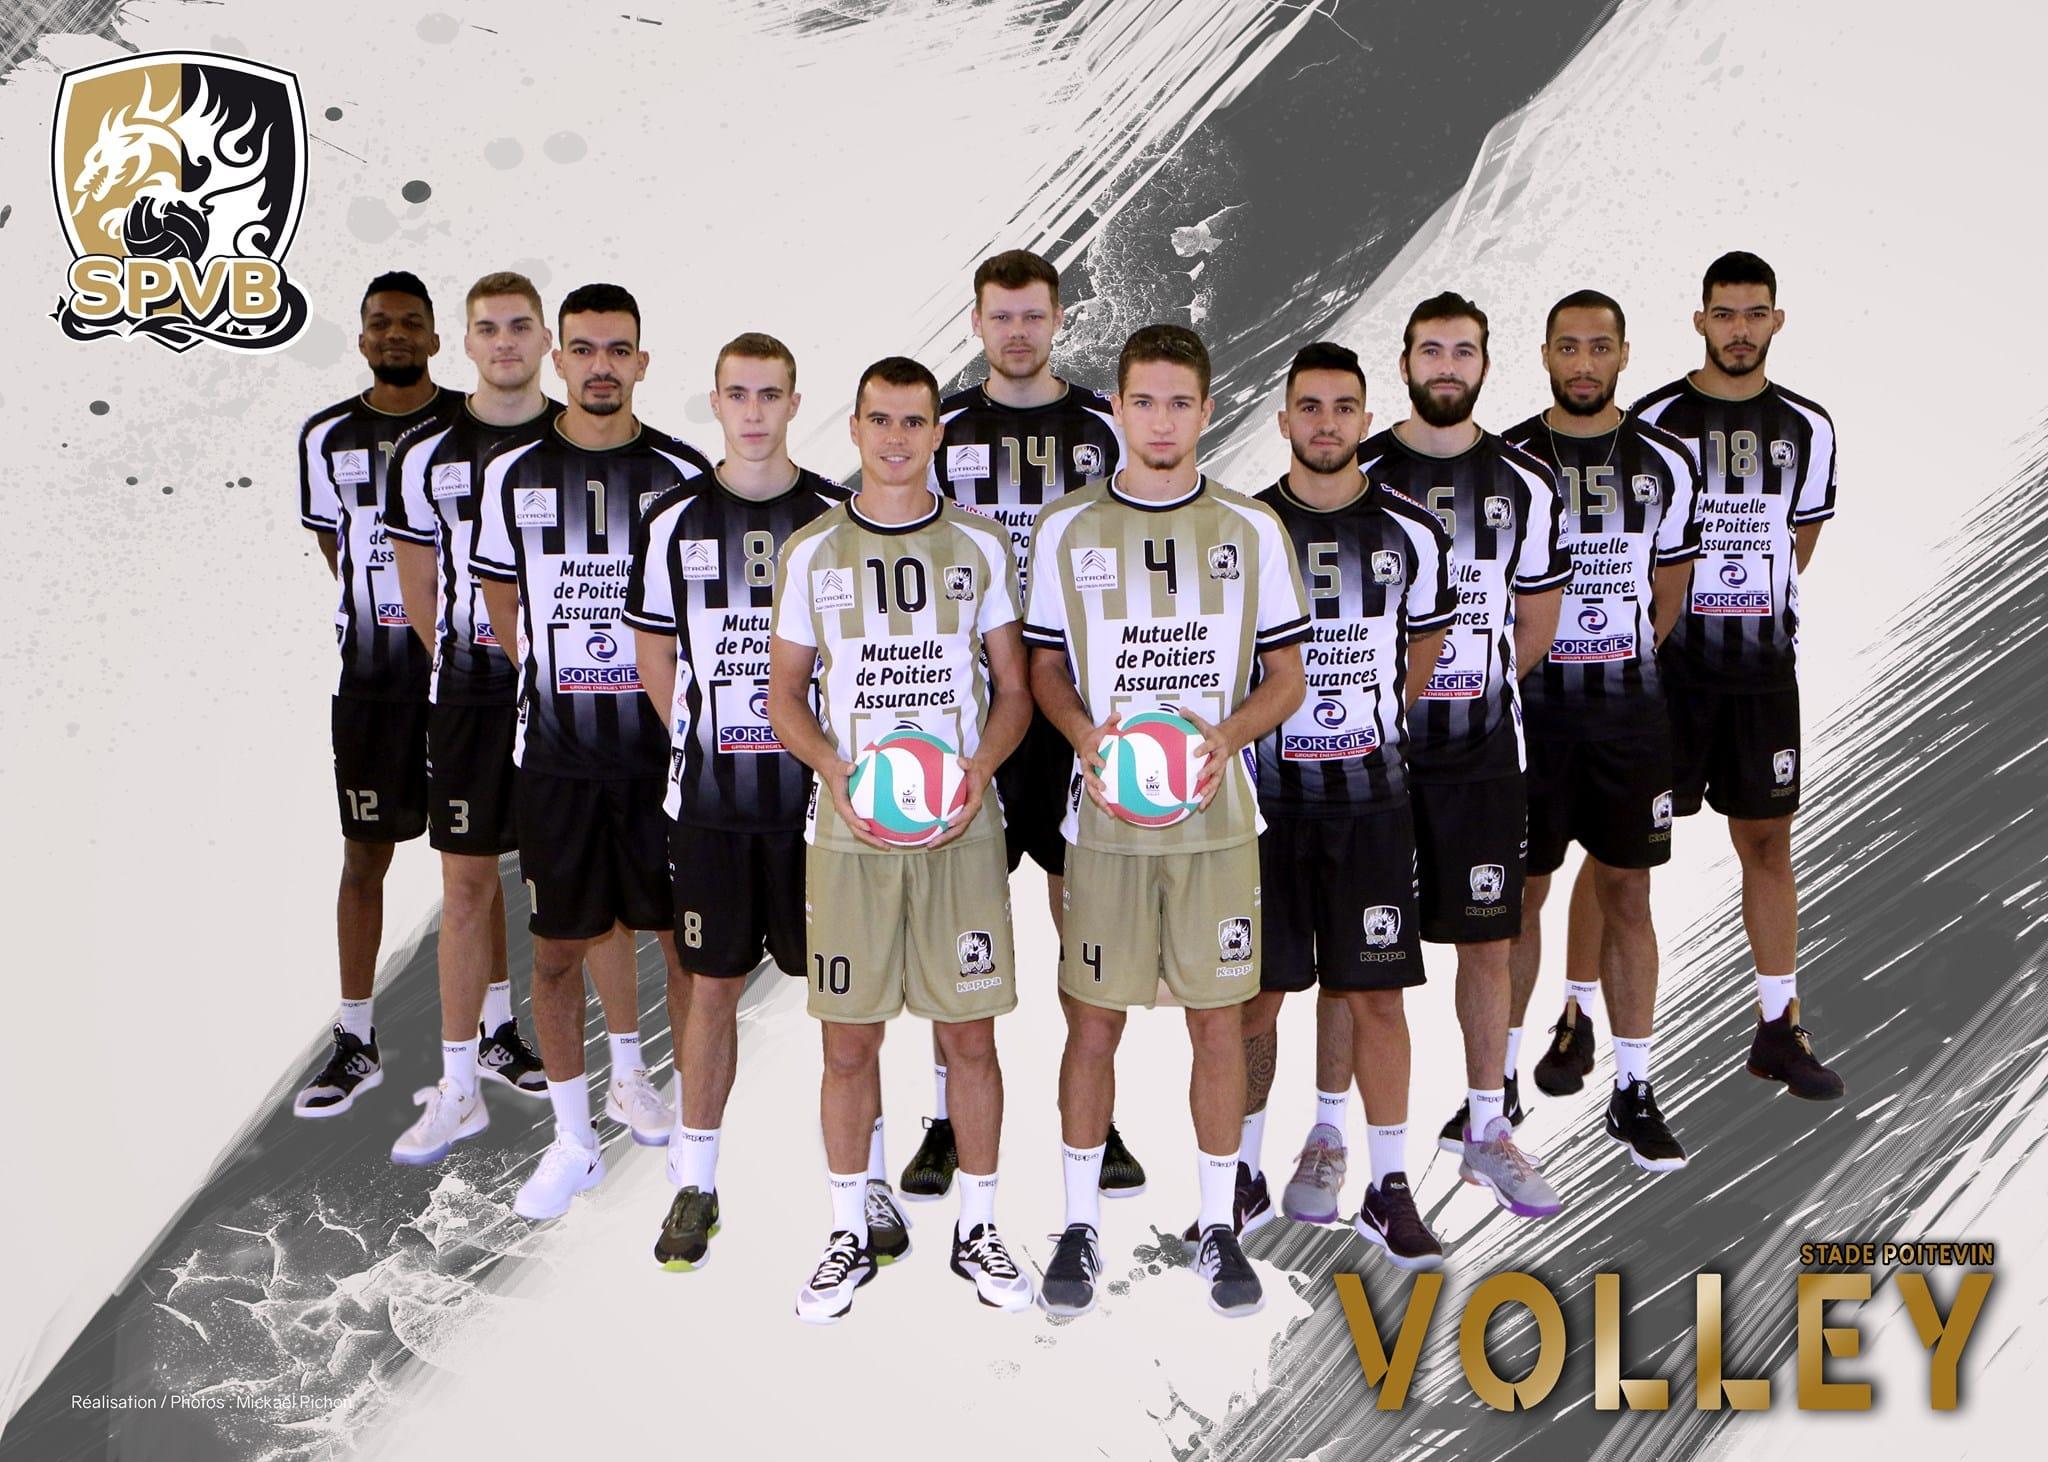 maillot-volley-LAM-2019-2020-spvb-kappa-1